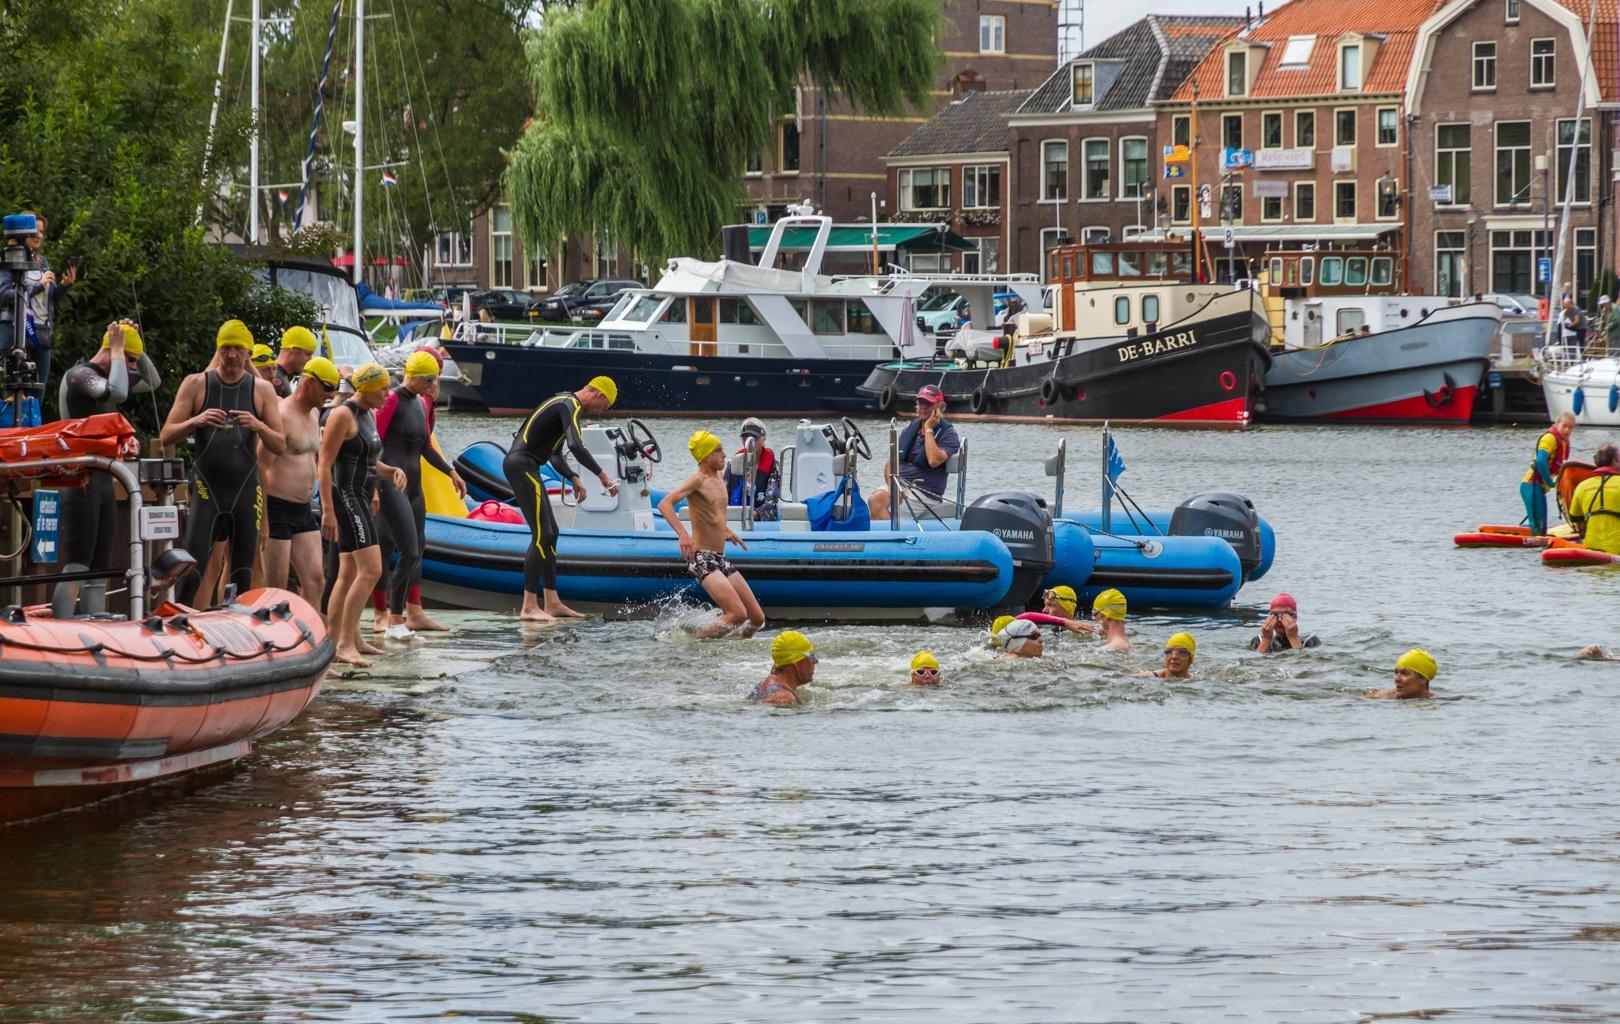 De echte waterliefhebbers doen zaterdag 28 juli weer mee aan de prestatie-zwemtocht. (Foto's: Ben Lassing)